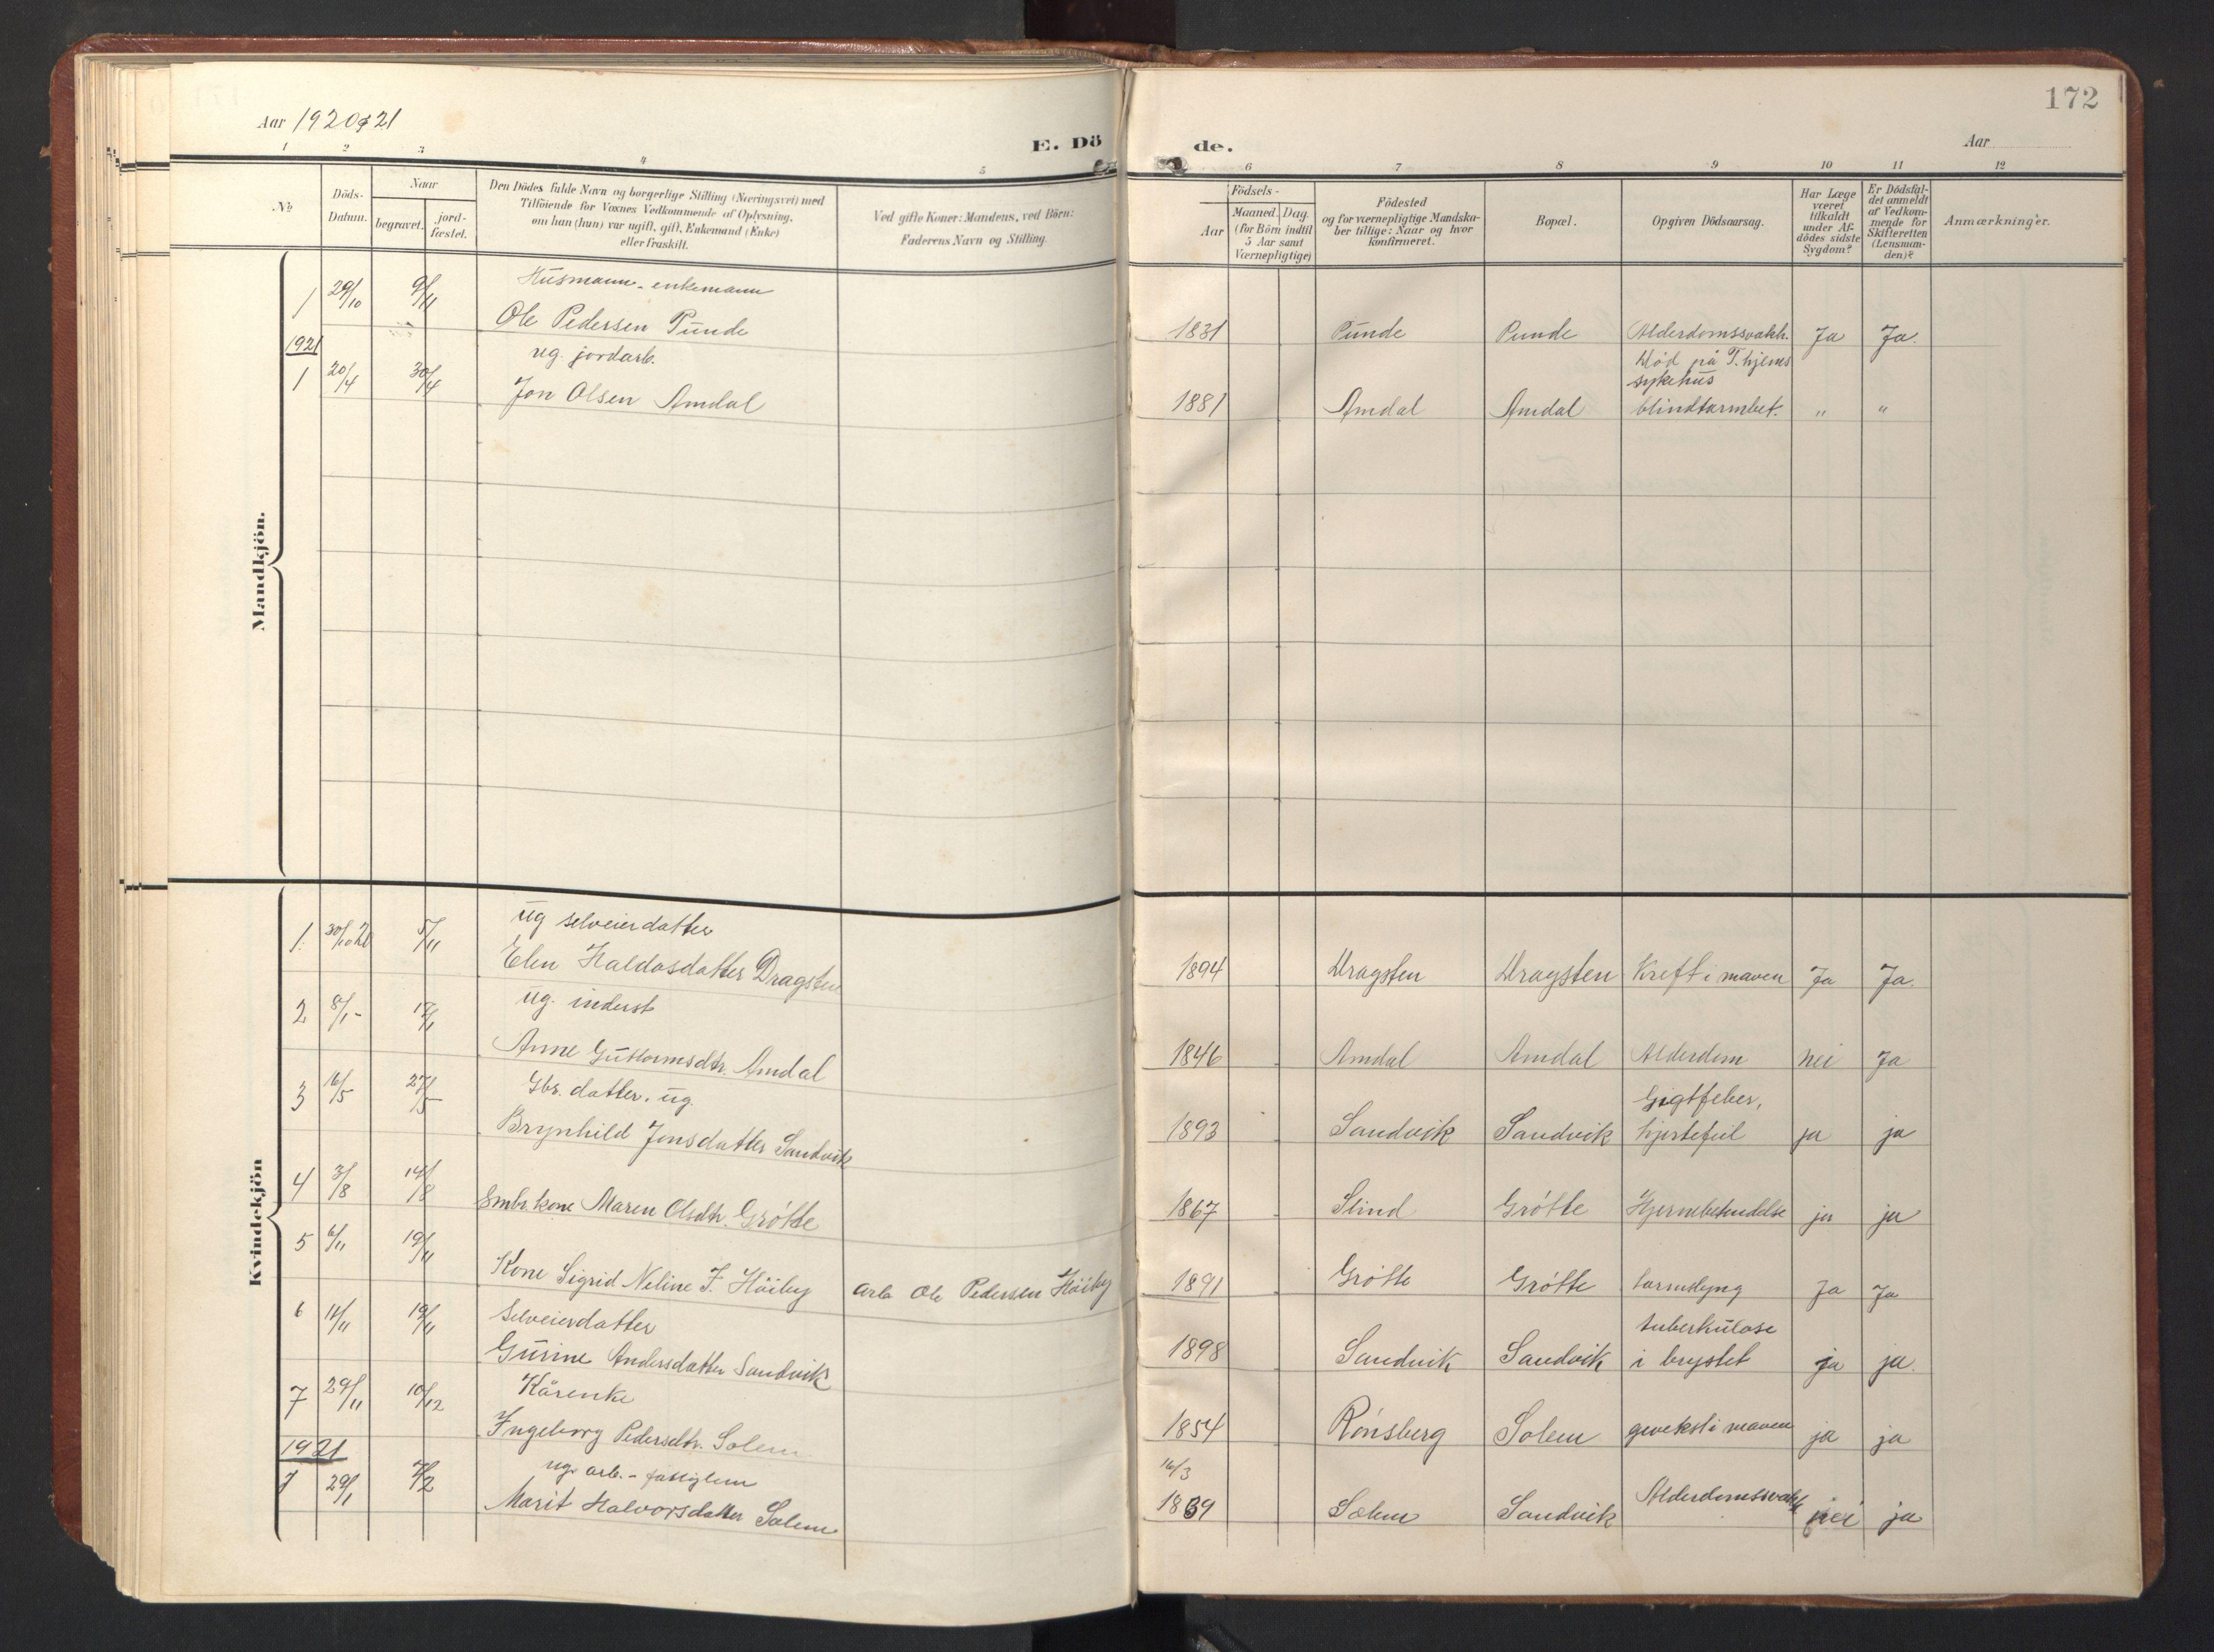 SAT, Ministerialprotokoller, klokkerbøker og fødselsregistre - Sør-Trøndelag, 696/L1161: Klokkerbok nr. 696C01, 1902-1950, s. 172